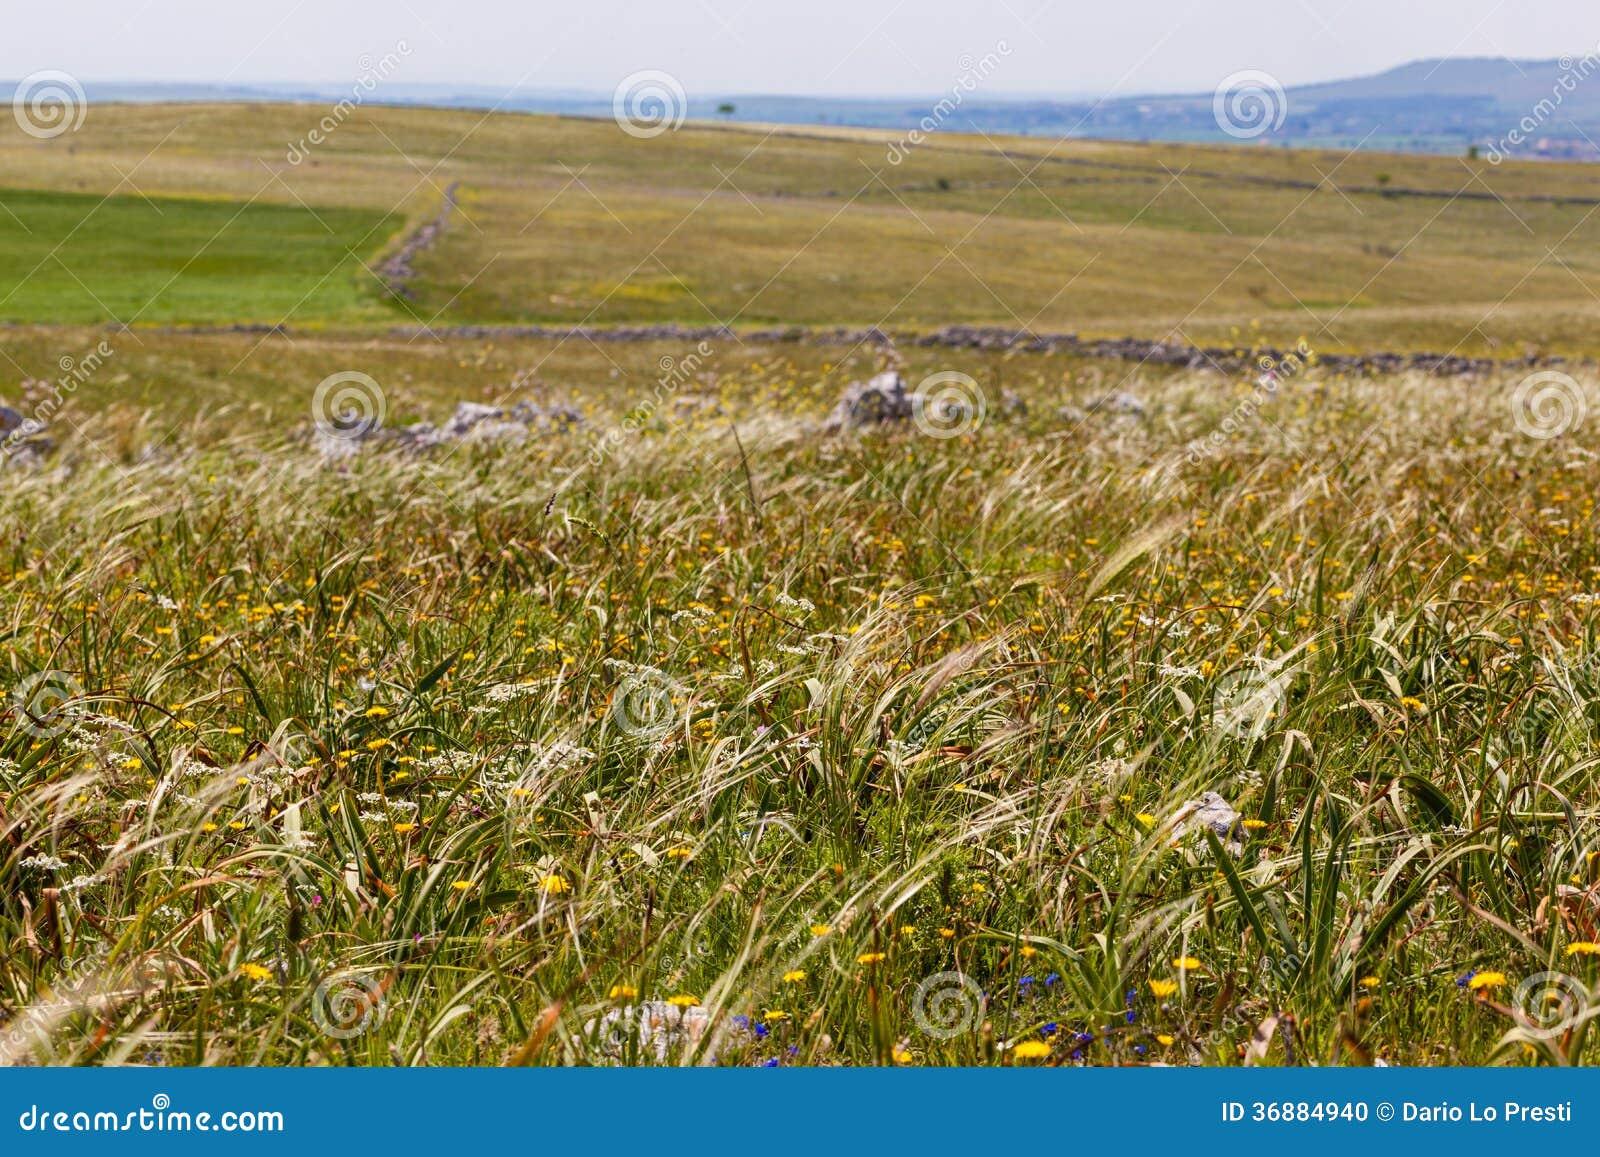 Download Pascoli tranquilli fotografia stock. Immagine di campagna - 36884940